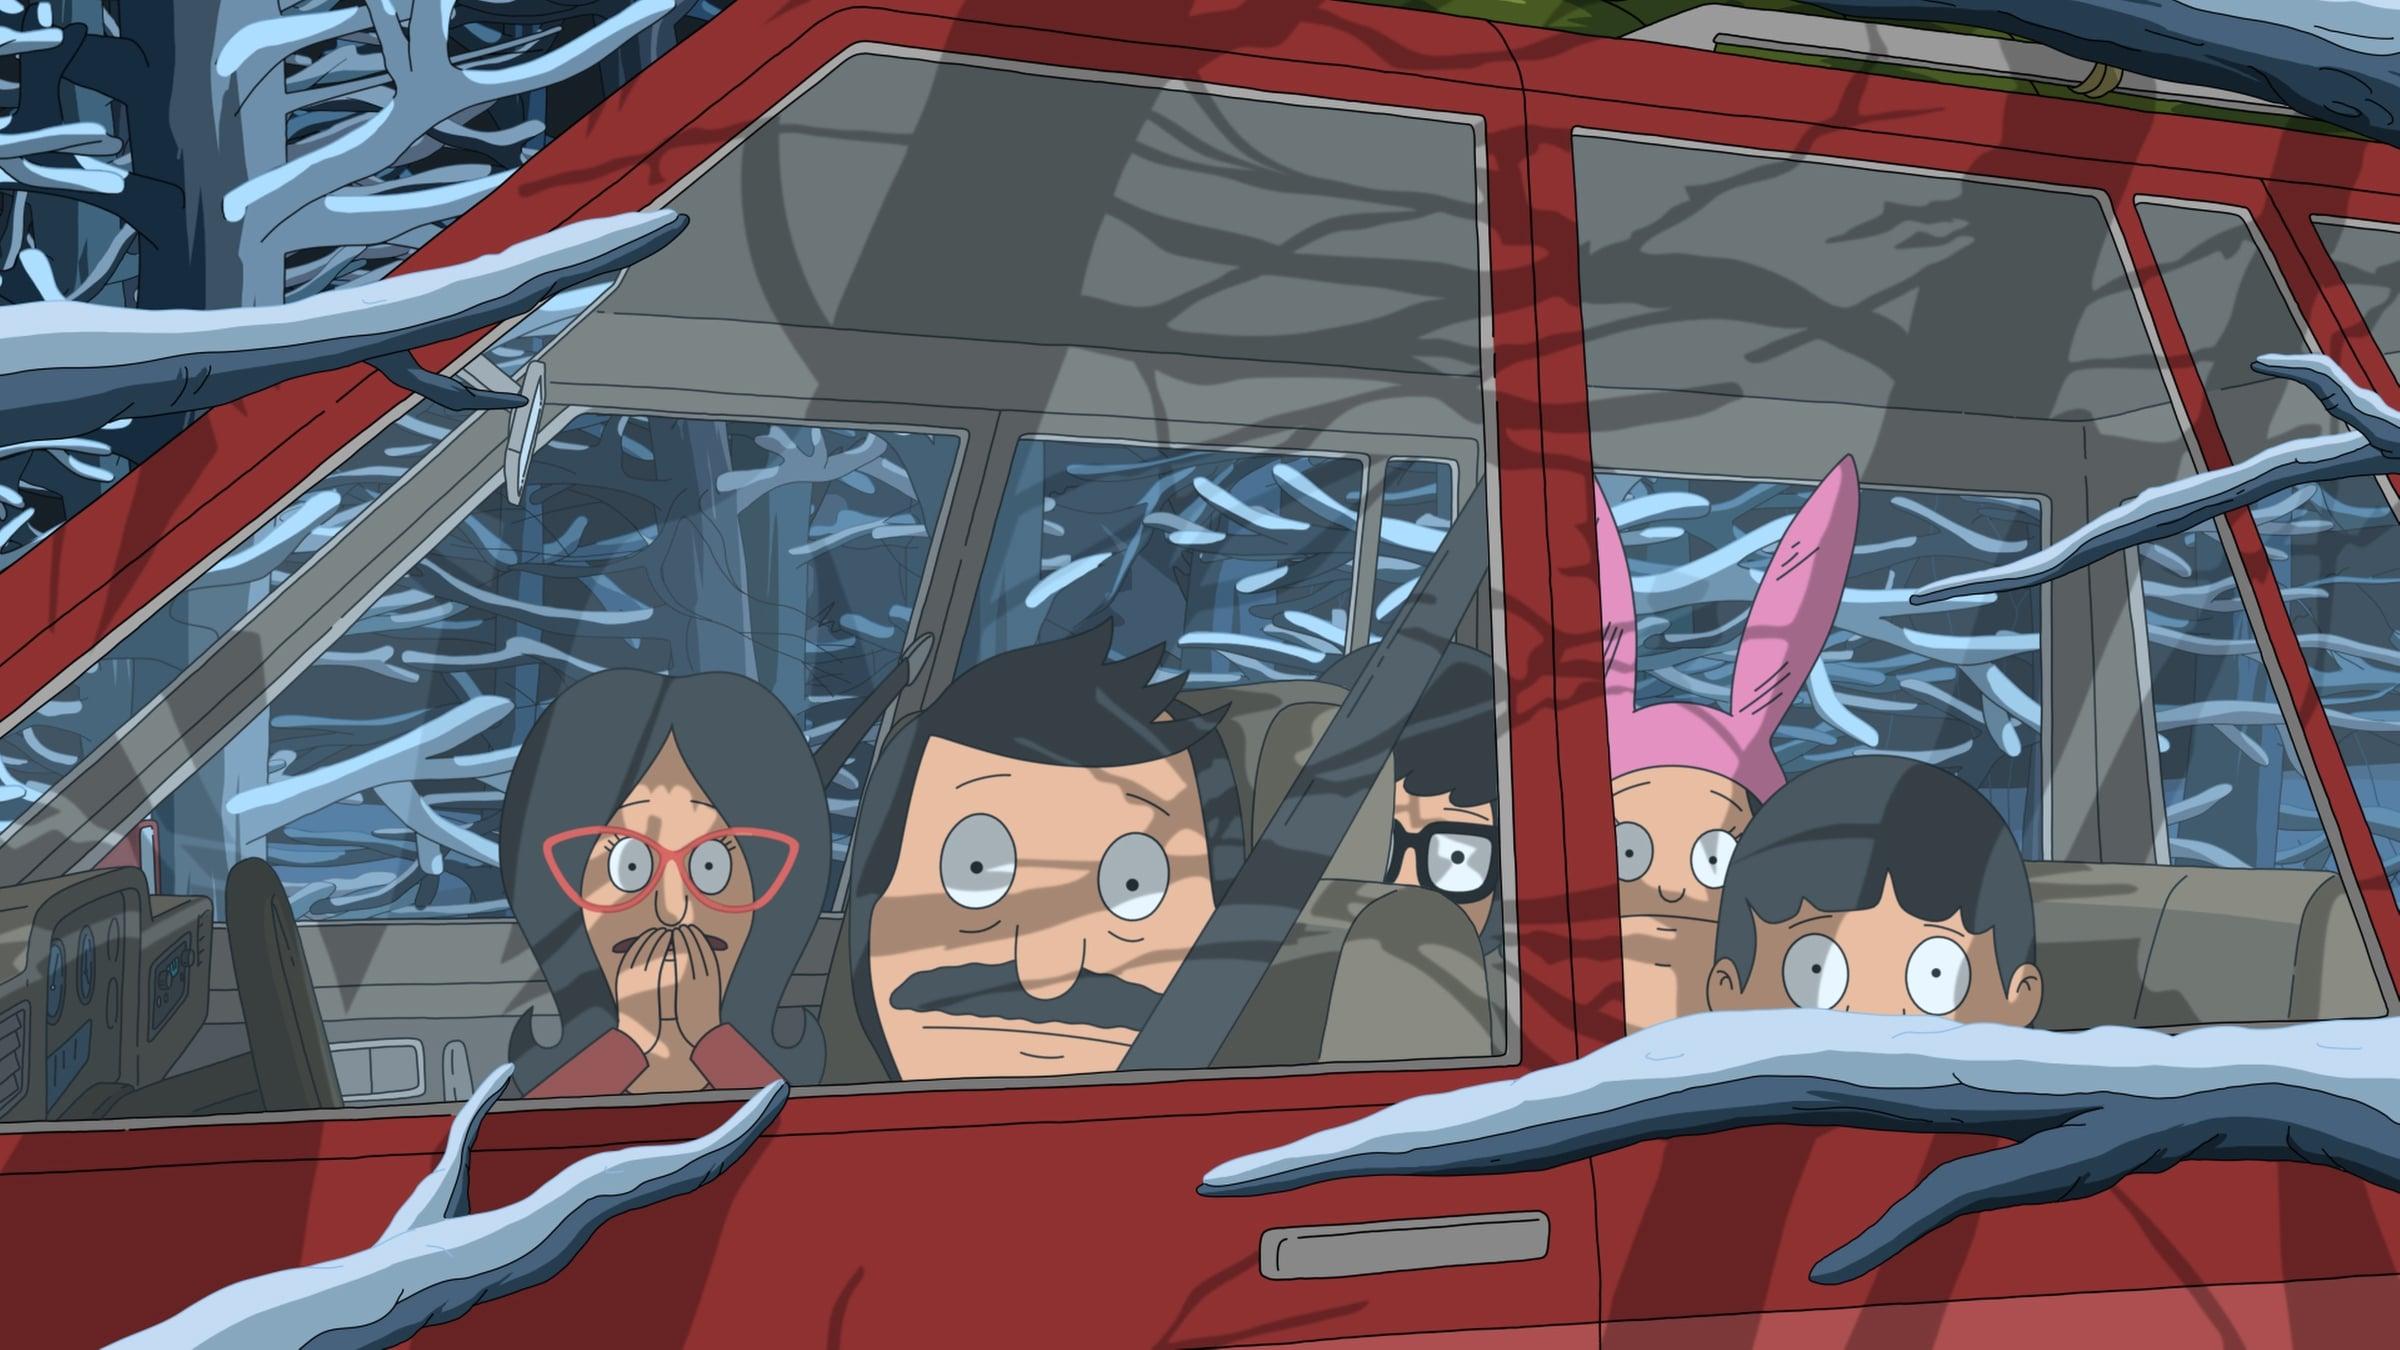 Bob's Burgers - Season 4 Episode 8 : Christmas in the Car